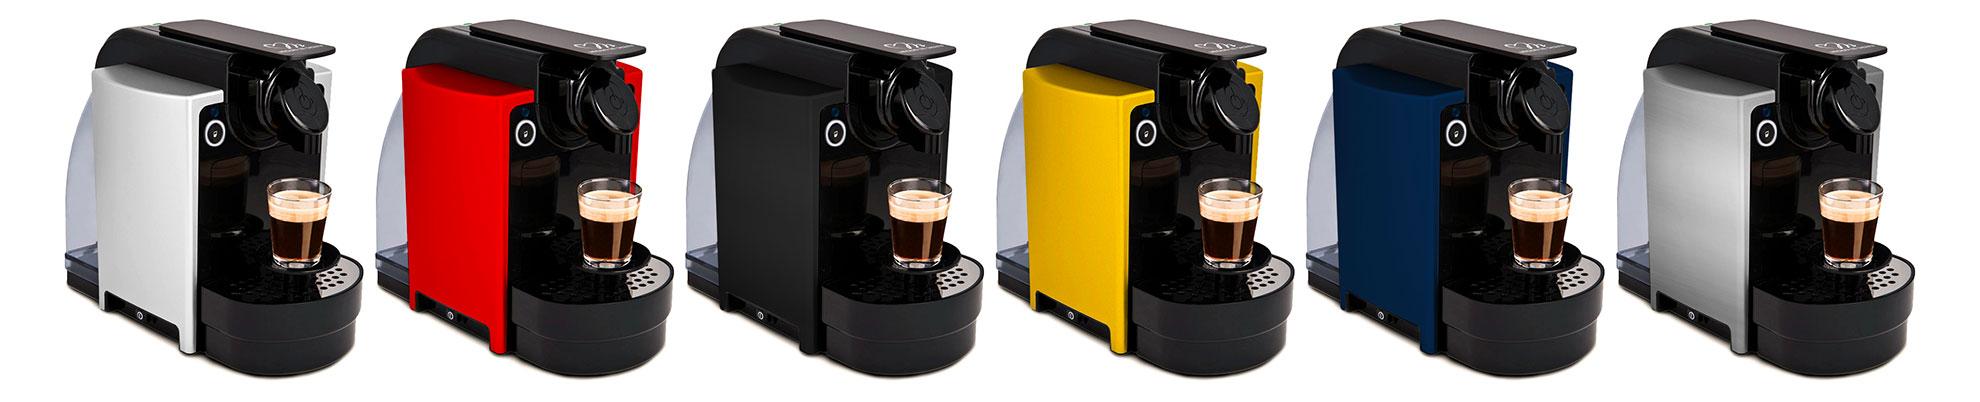 macchina-automatica-caffe-neramore-meglio-in-salute